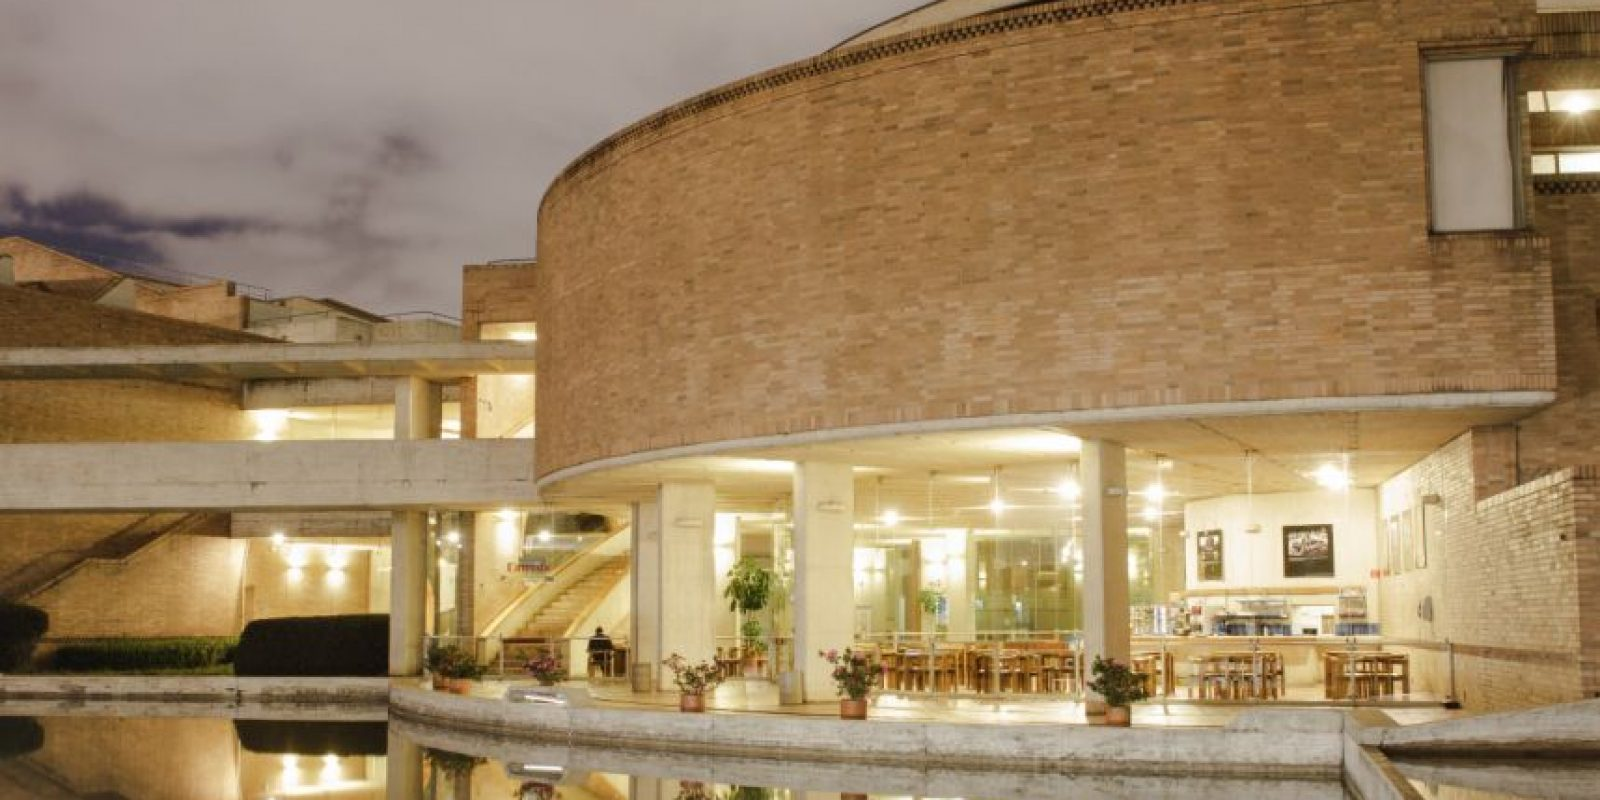 El diseño de la biblioteca es en forma circular, rodeada por espejos de agua y grandes ventanales para una lectura más plácida. Los techos están cubiertos de baldosa cerámica y hacen alusión a la cultura precolombina Quimbaya. Foto:Juan Pablo Pino- Publimetro